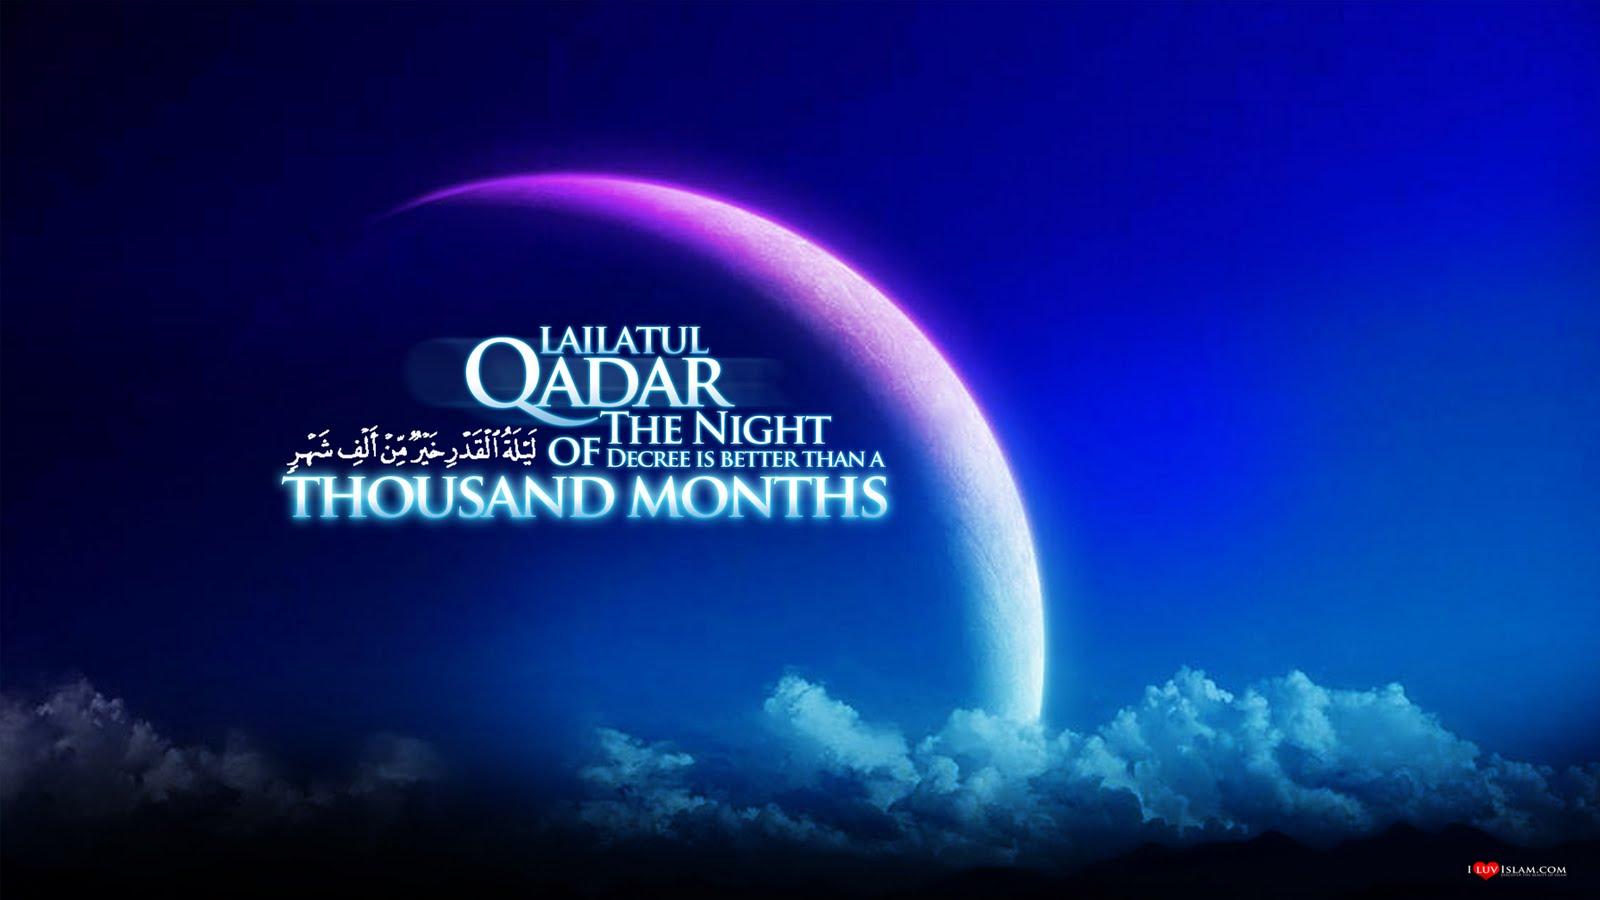 25 Gambar Malam Lailatul Qadar Images Kata Mutiara Terbaru